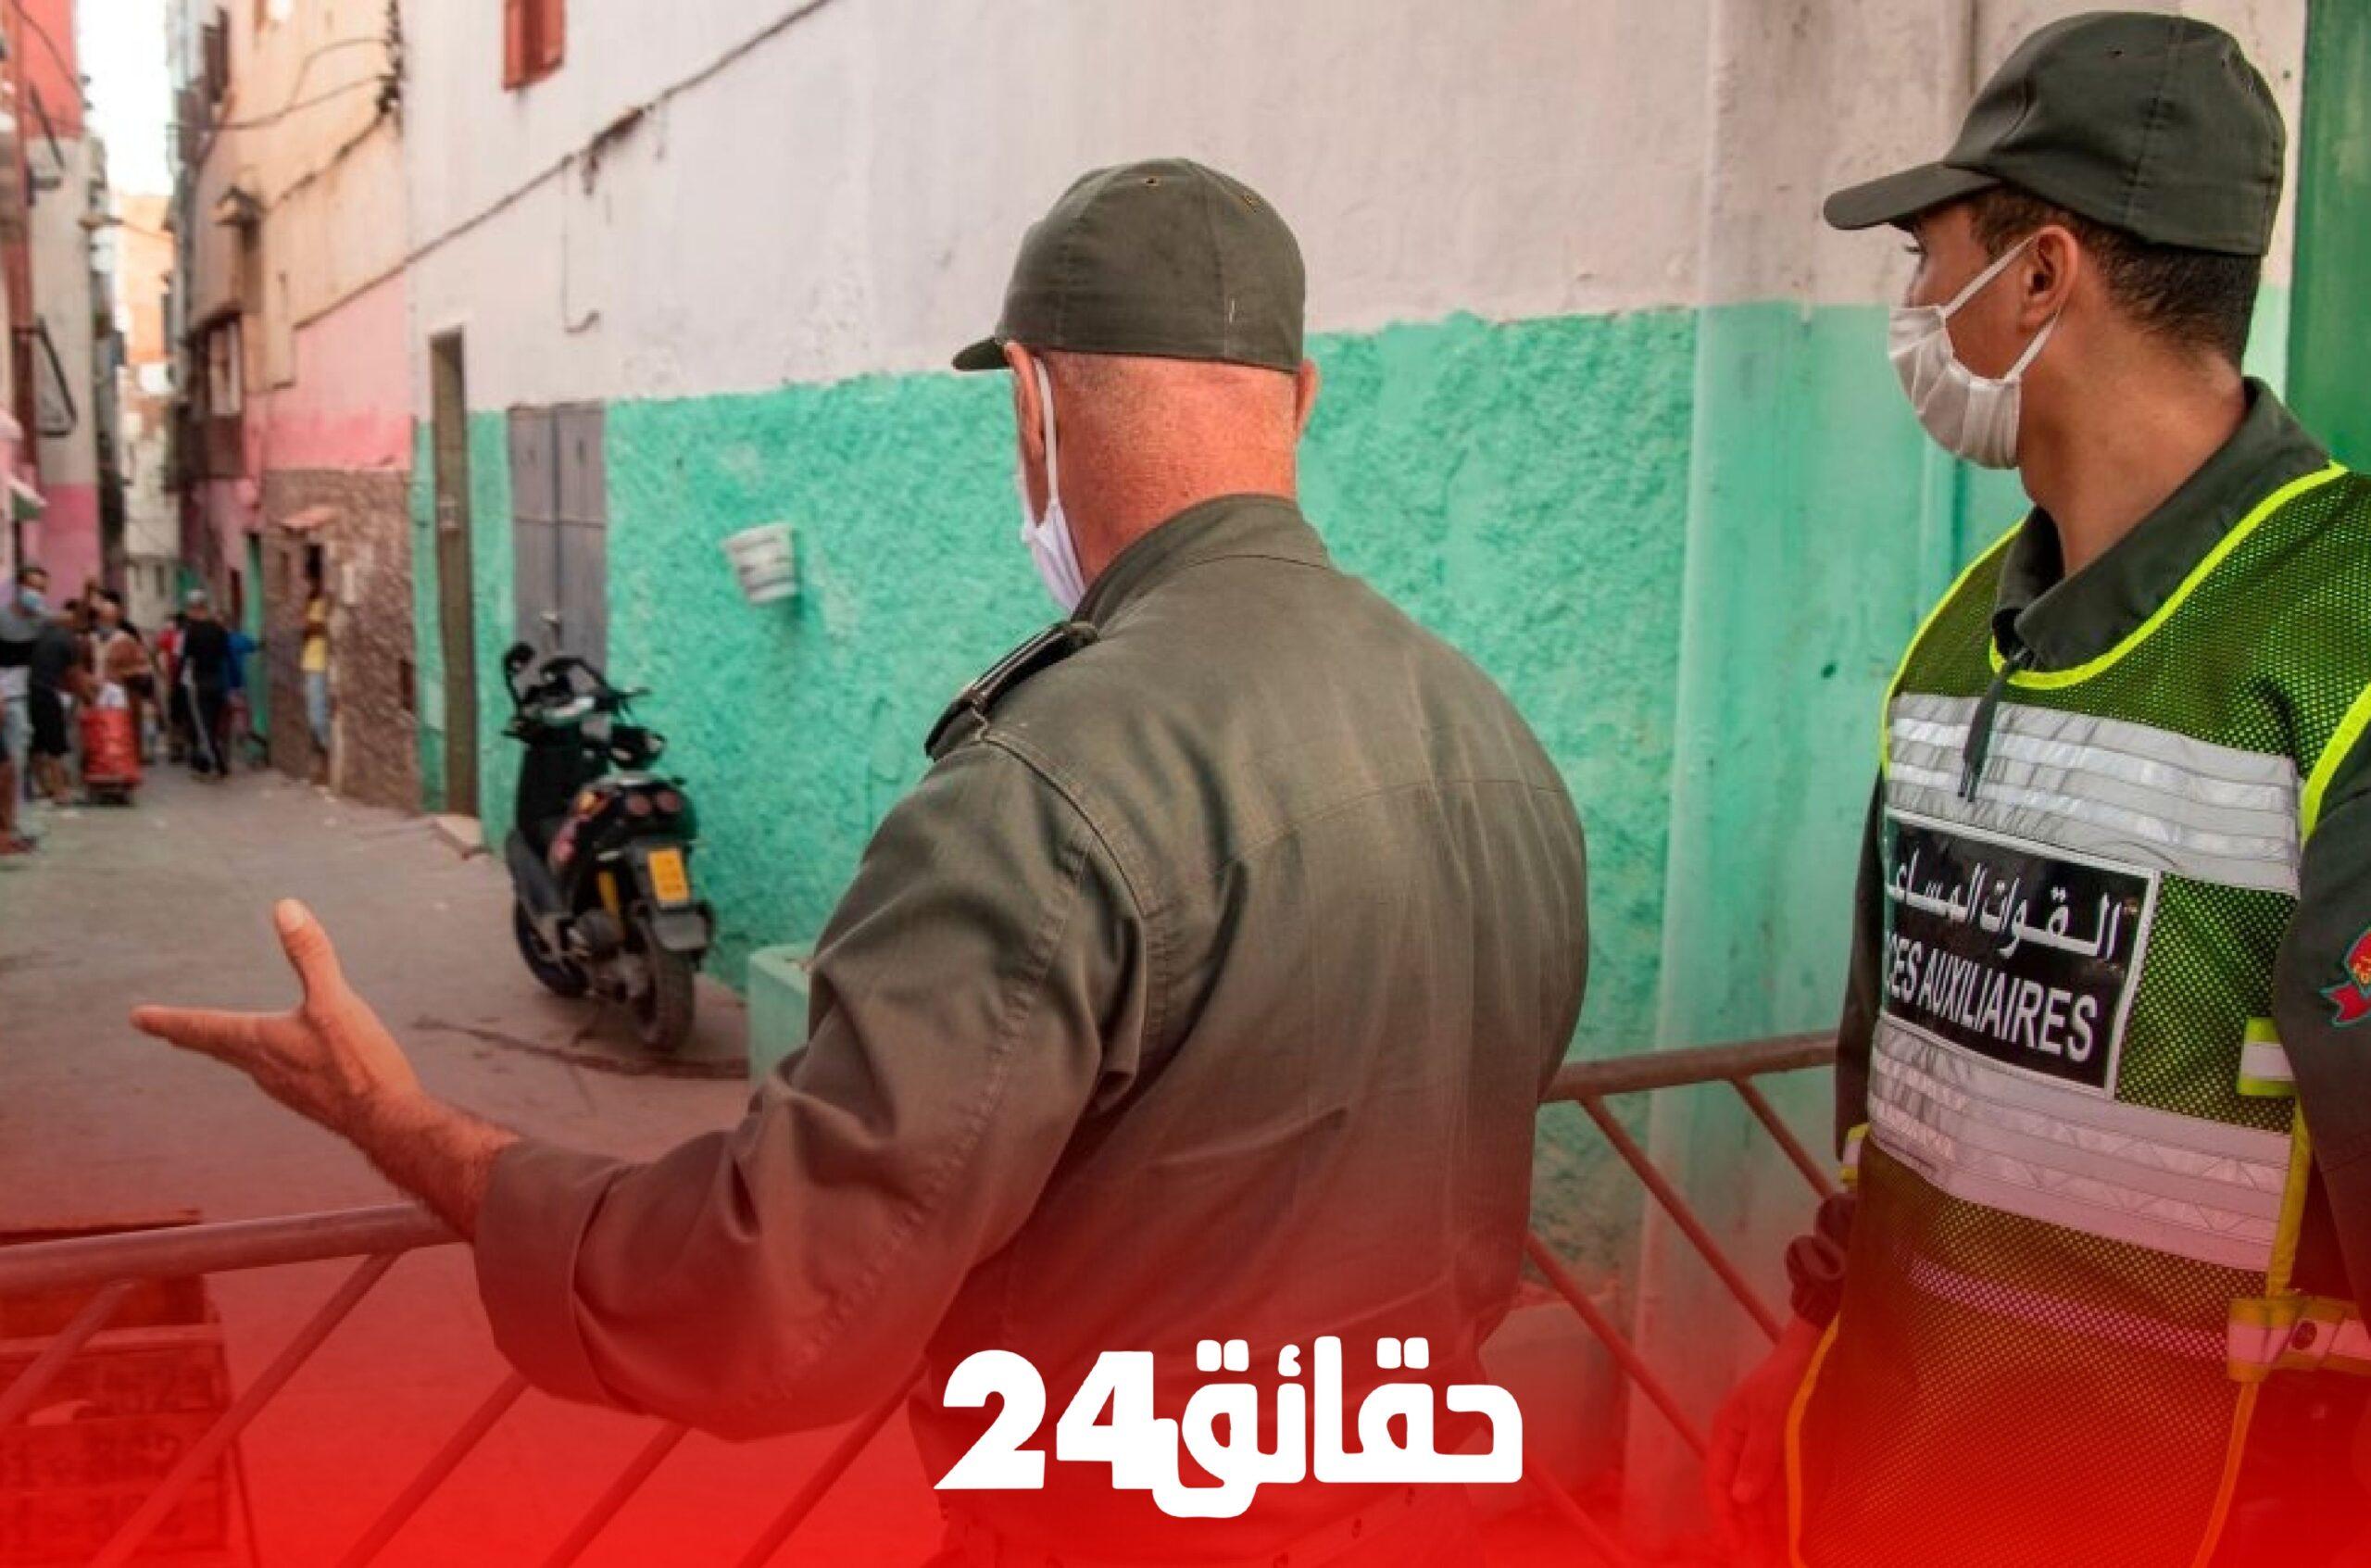 """صورة تمديد حظر التجوال لأسبوعين إضافيين بعد ظهور """"كورونا المتحور"""" بالمغرب"""